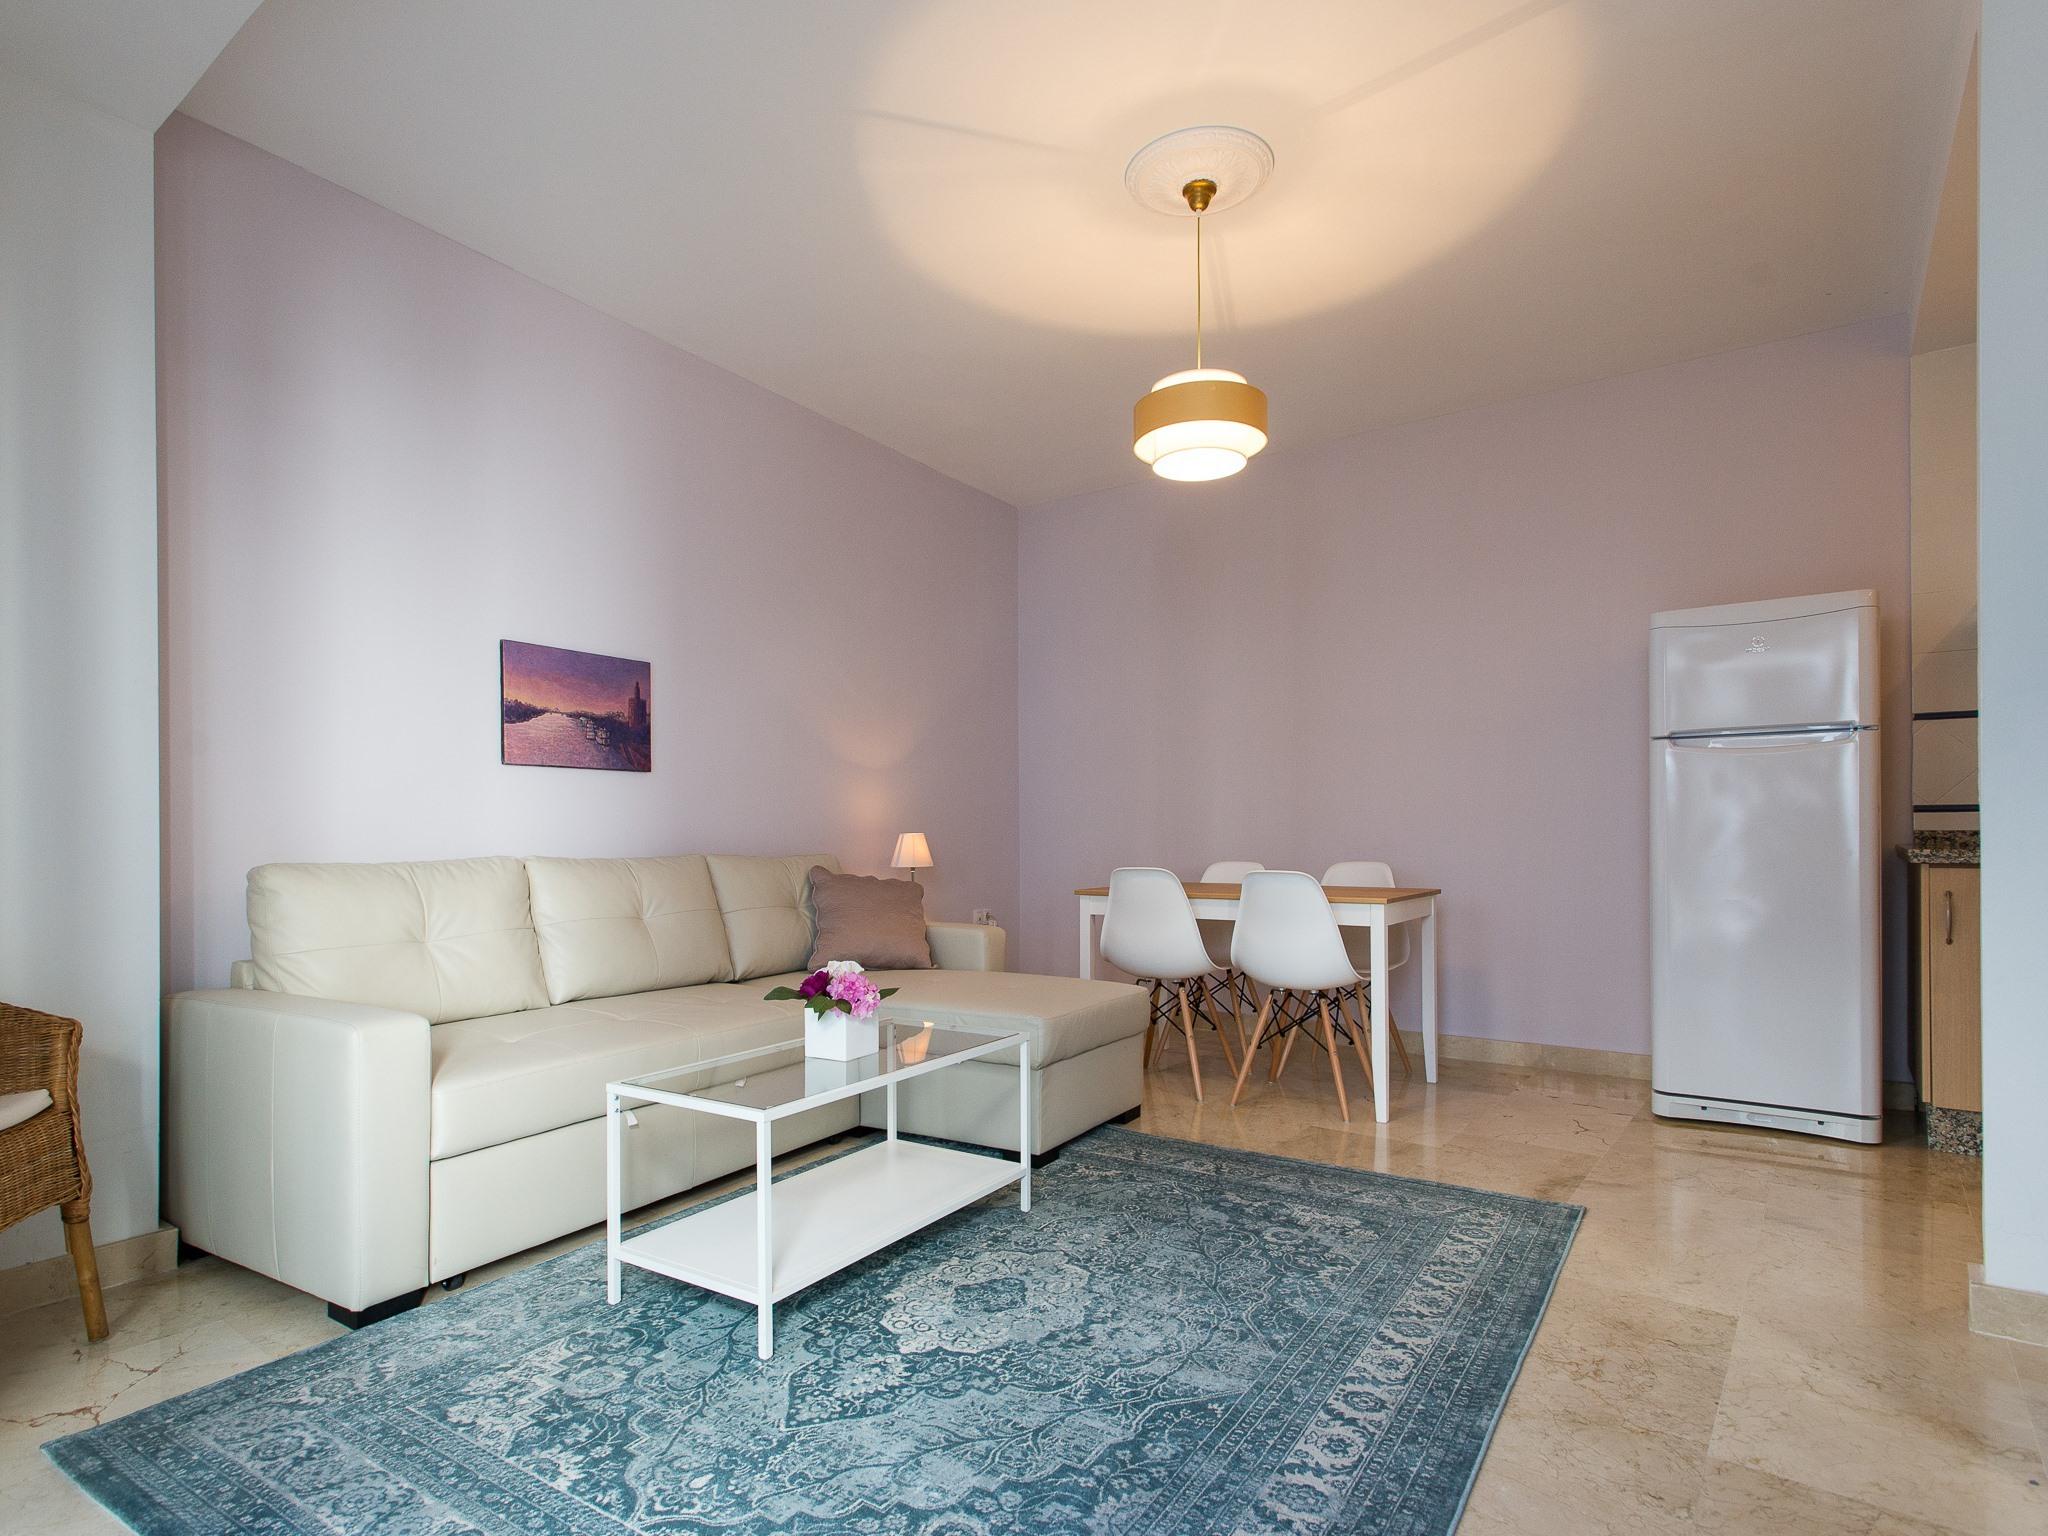 Apartamento-2B FELIPE 4 PAX-Confortable-Baño con ducha-Balcón - Tarifa Base